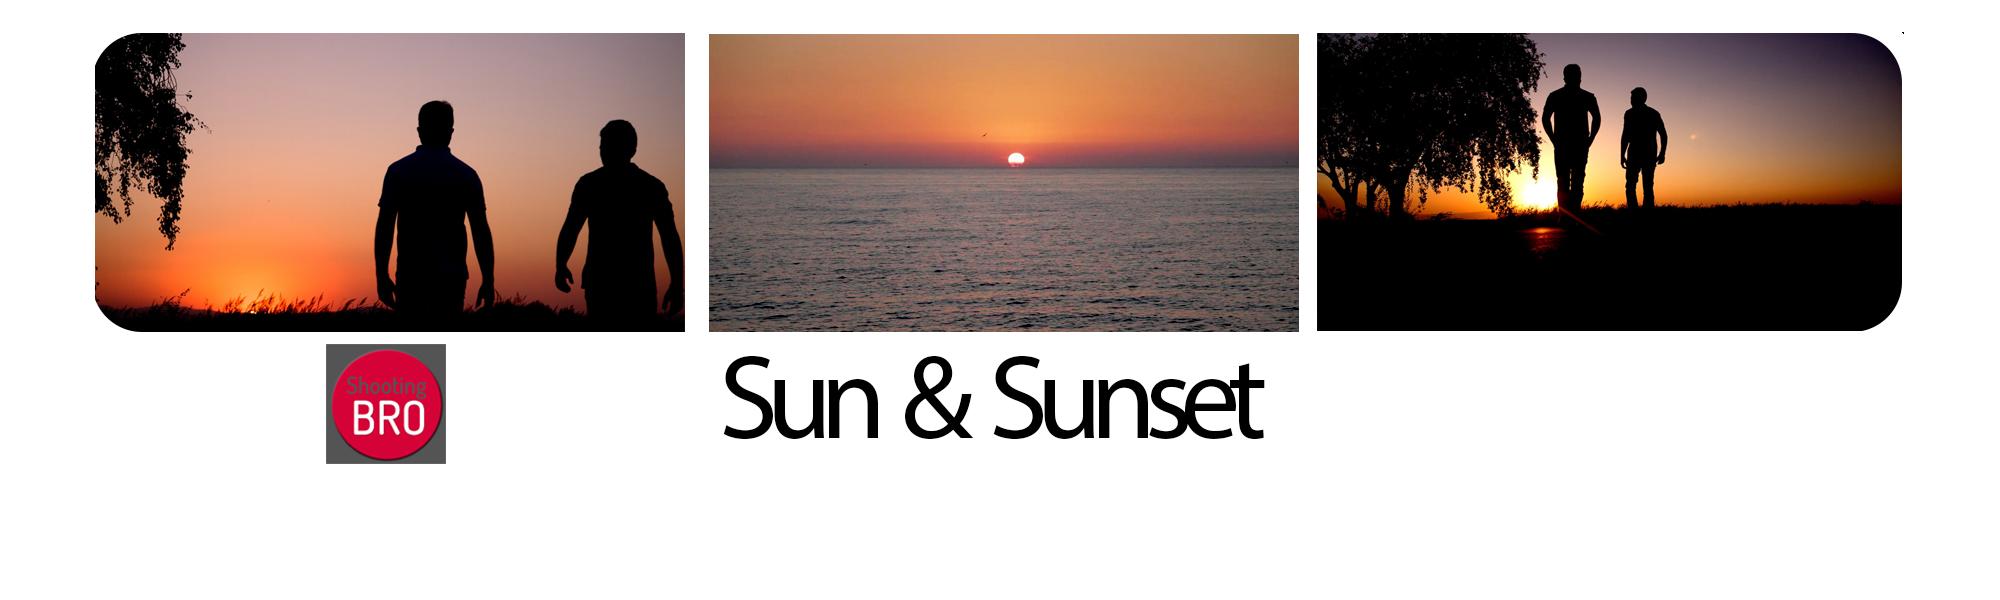 SLIDE VH SUN & SUNSET